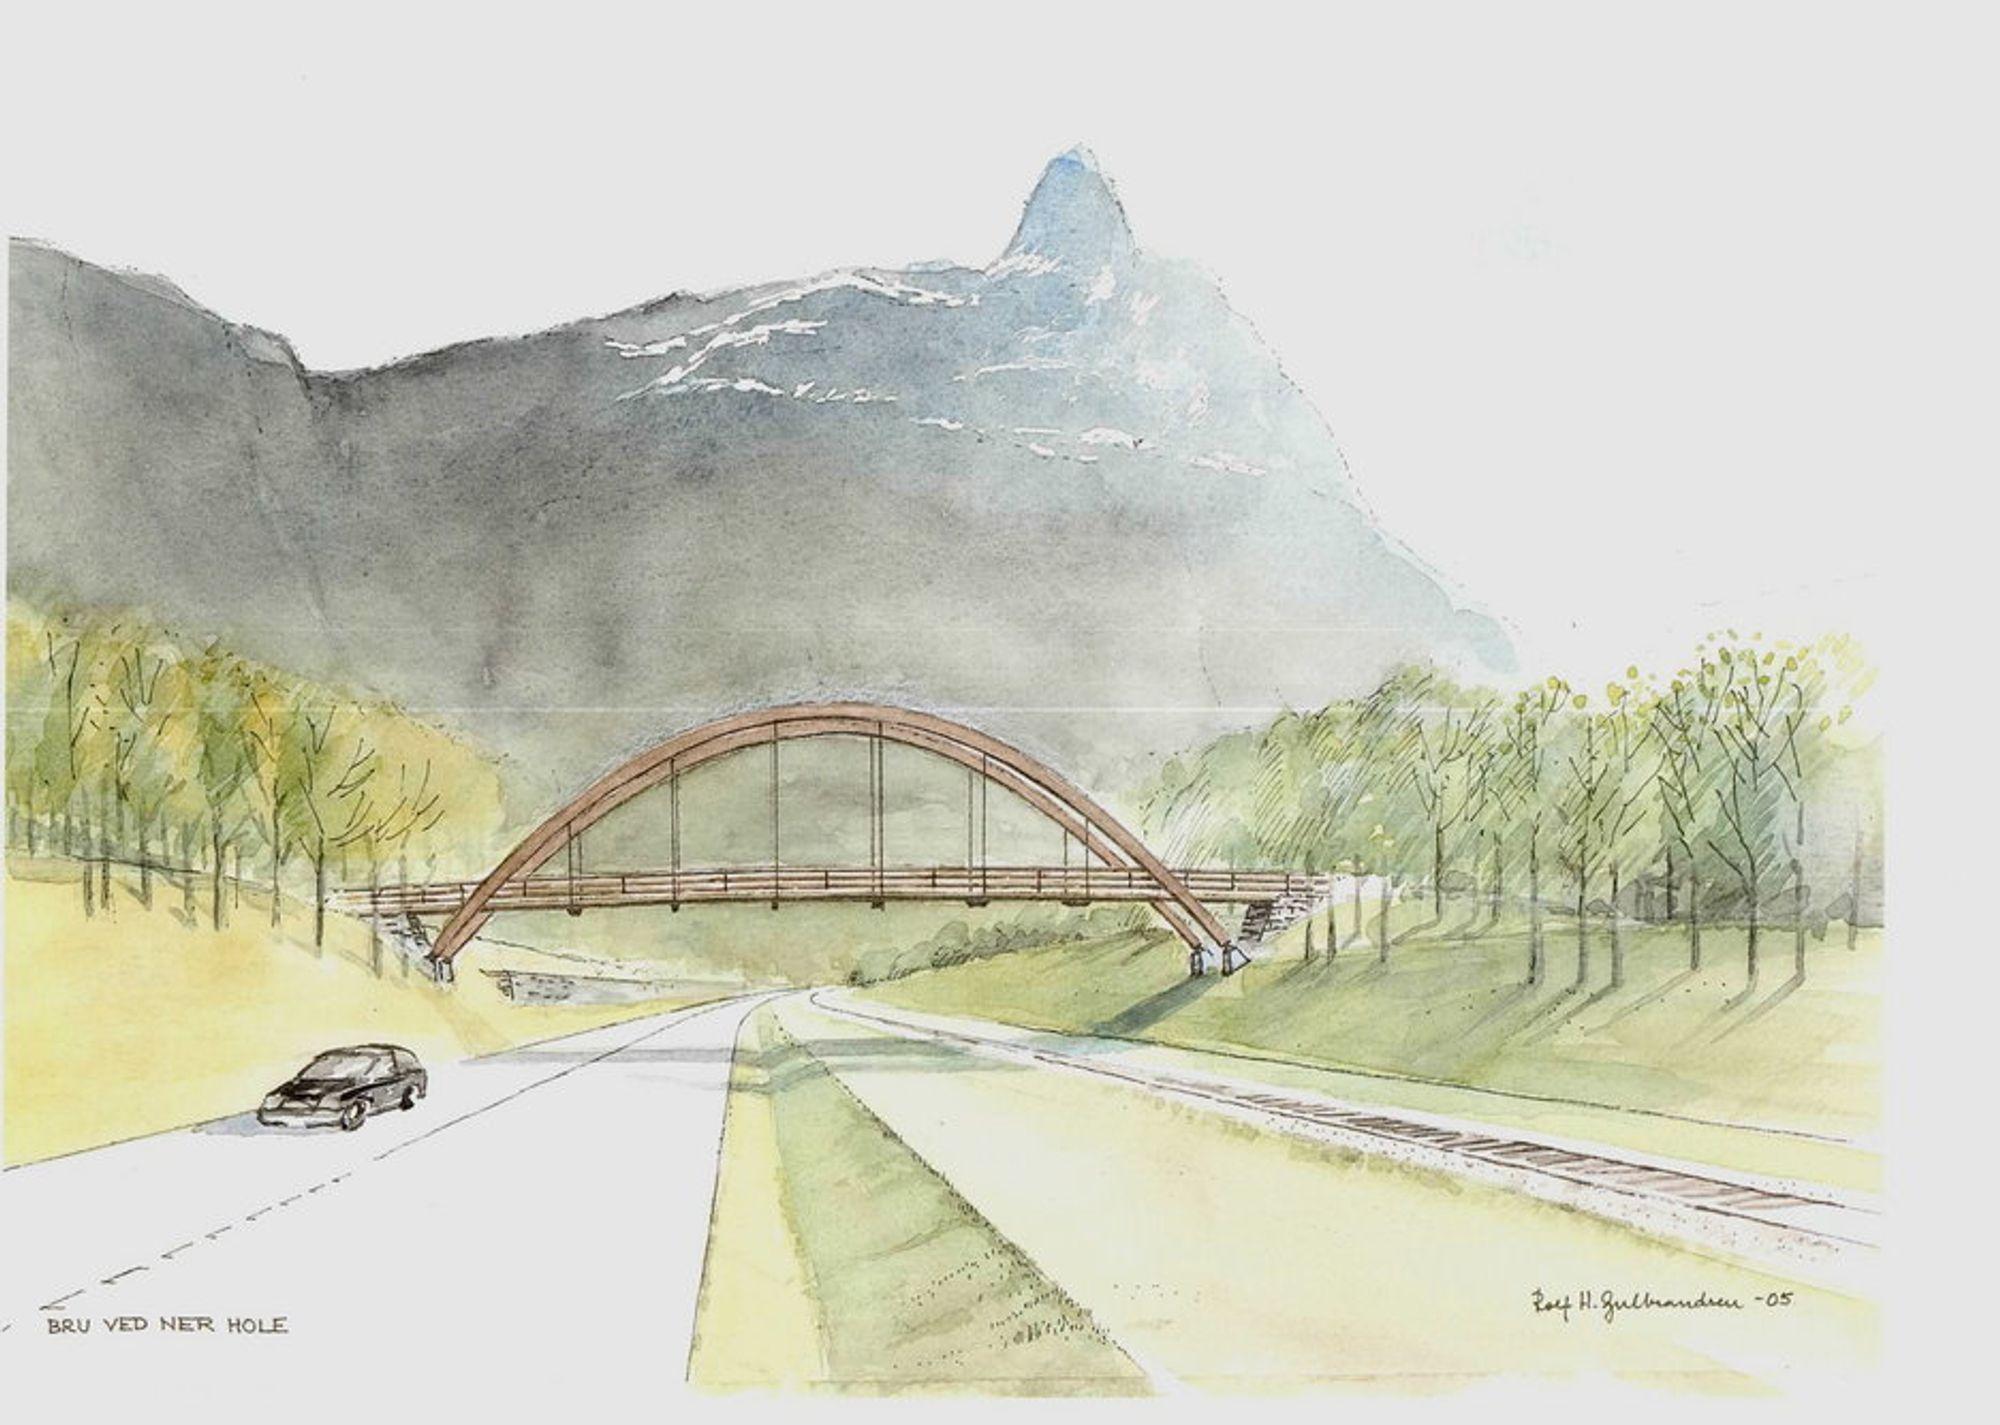 Ner Hole bru blir godt synlig i terrenget, men den får sterk konkurranse om oppmerksomheten av det mektige Romsdalshorn i bakgrunnen. (Ill.: Arkitekt Rolf Gulbrandsen)